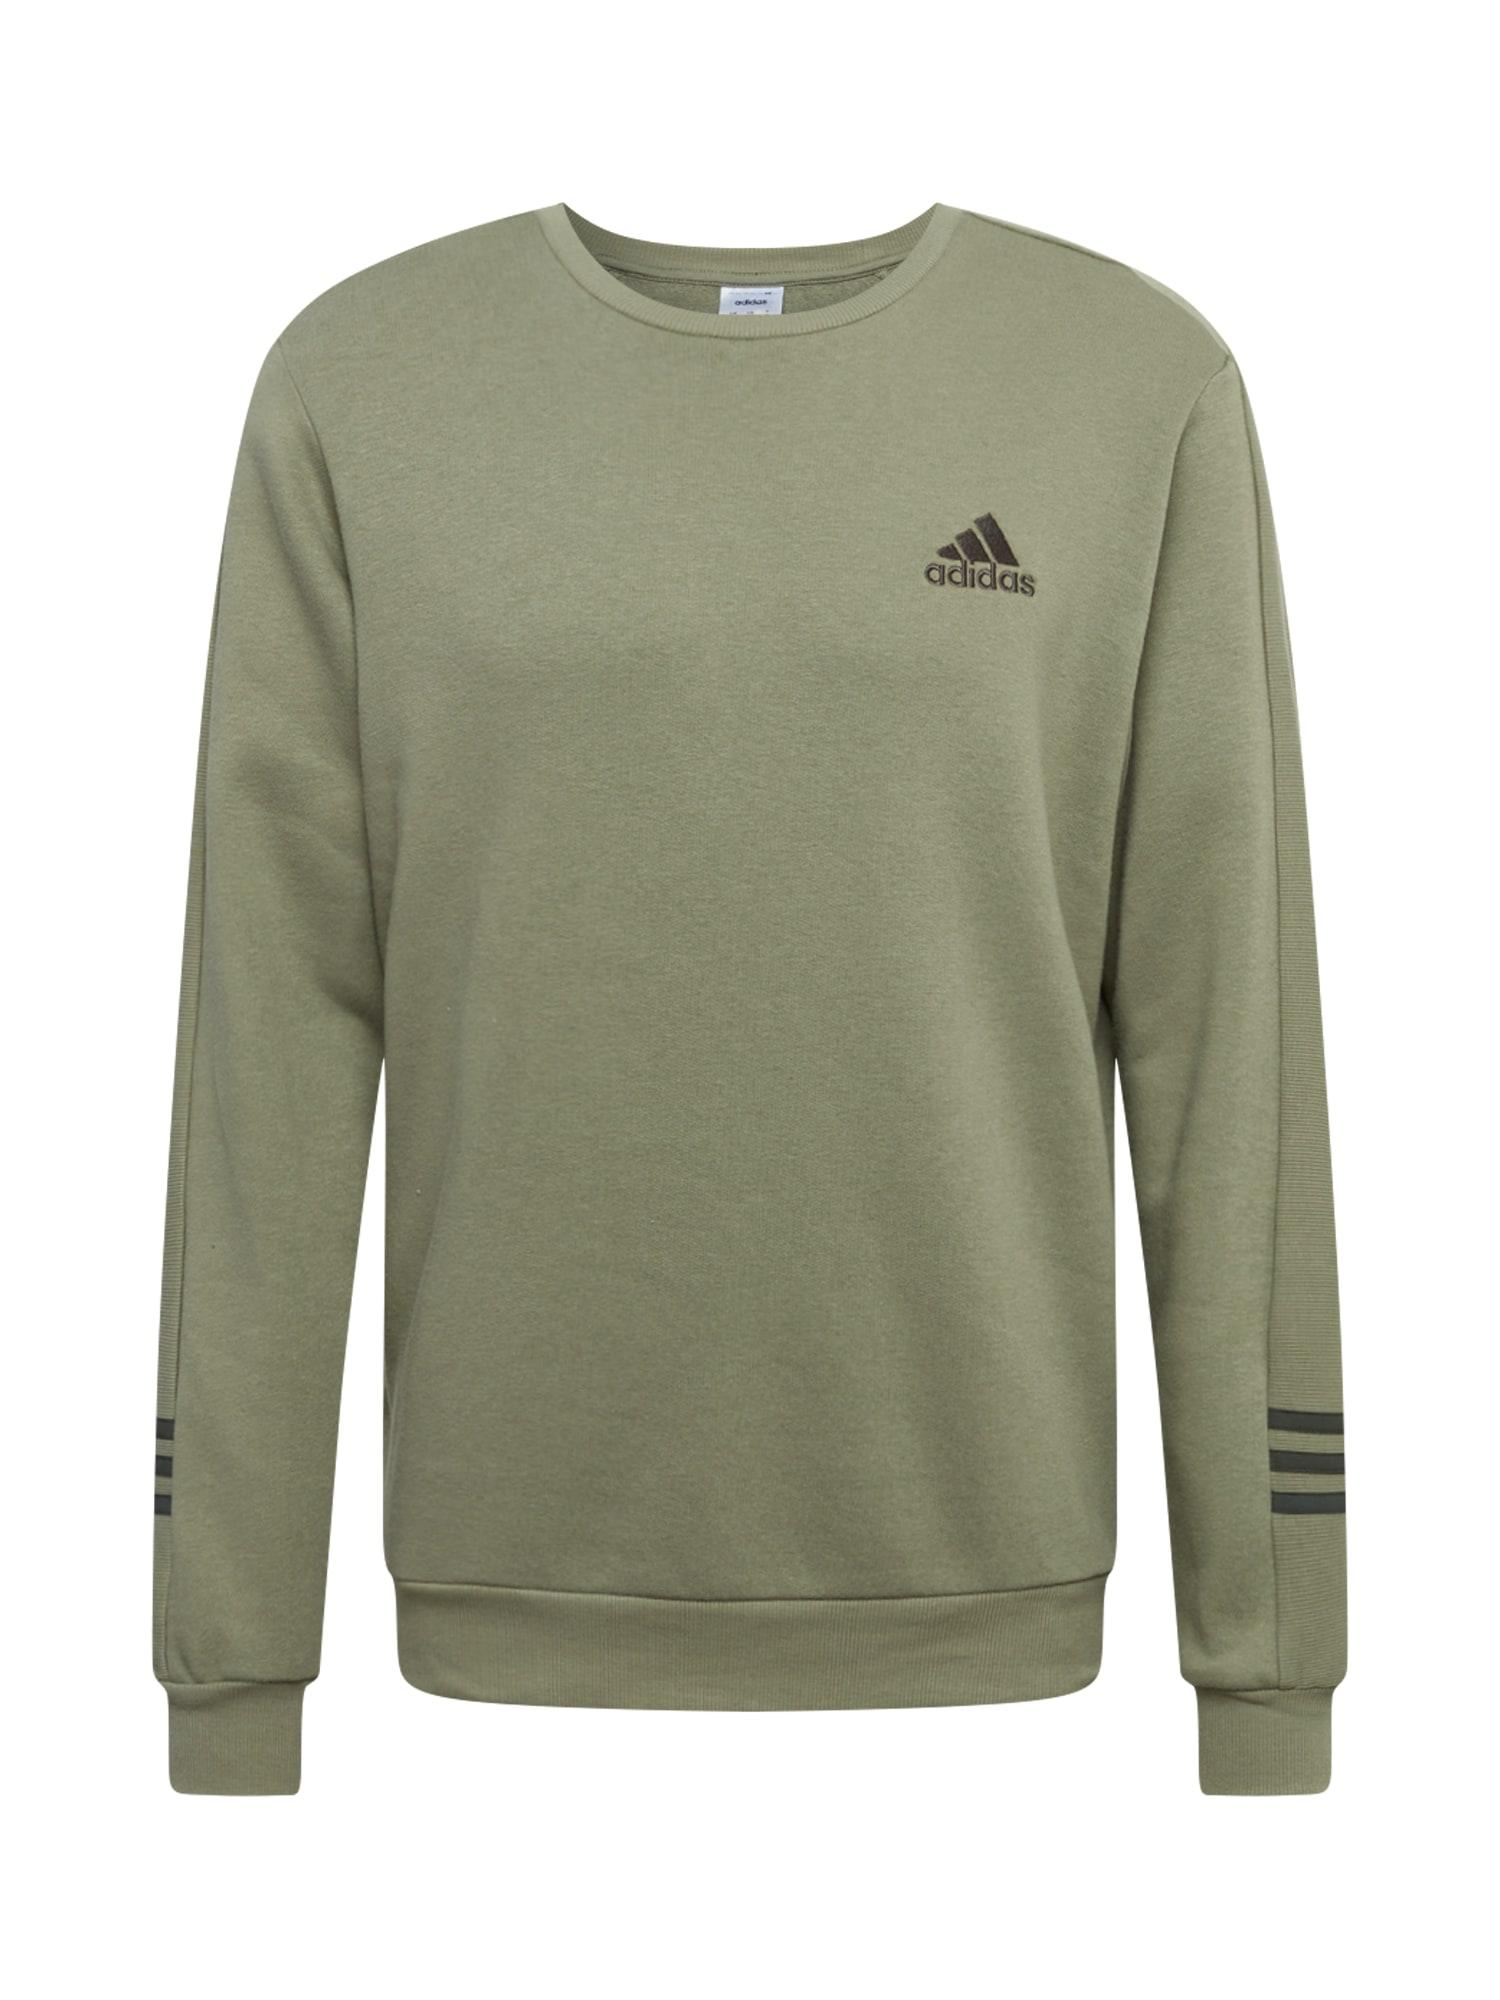 ADIDAS PERFORMANCE Sportinio tipo megztinis alyvuogių spalva